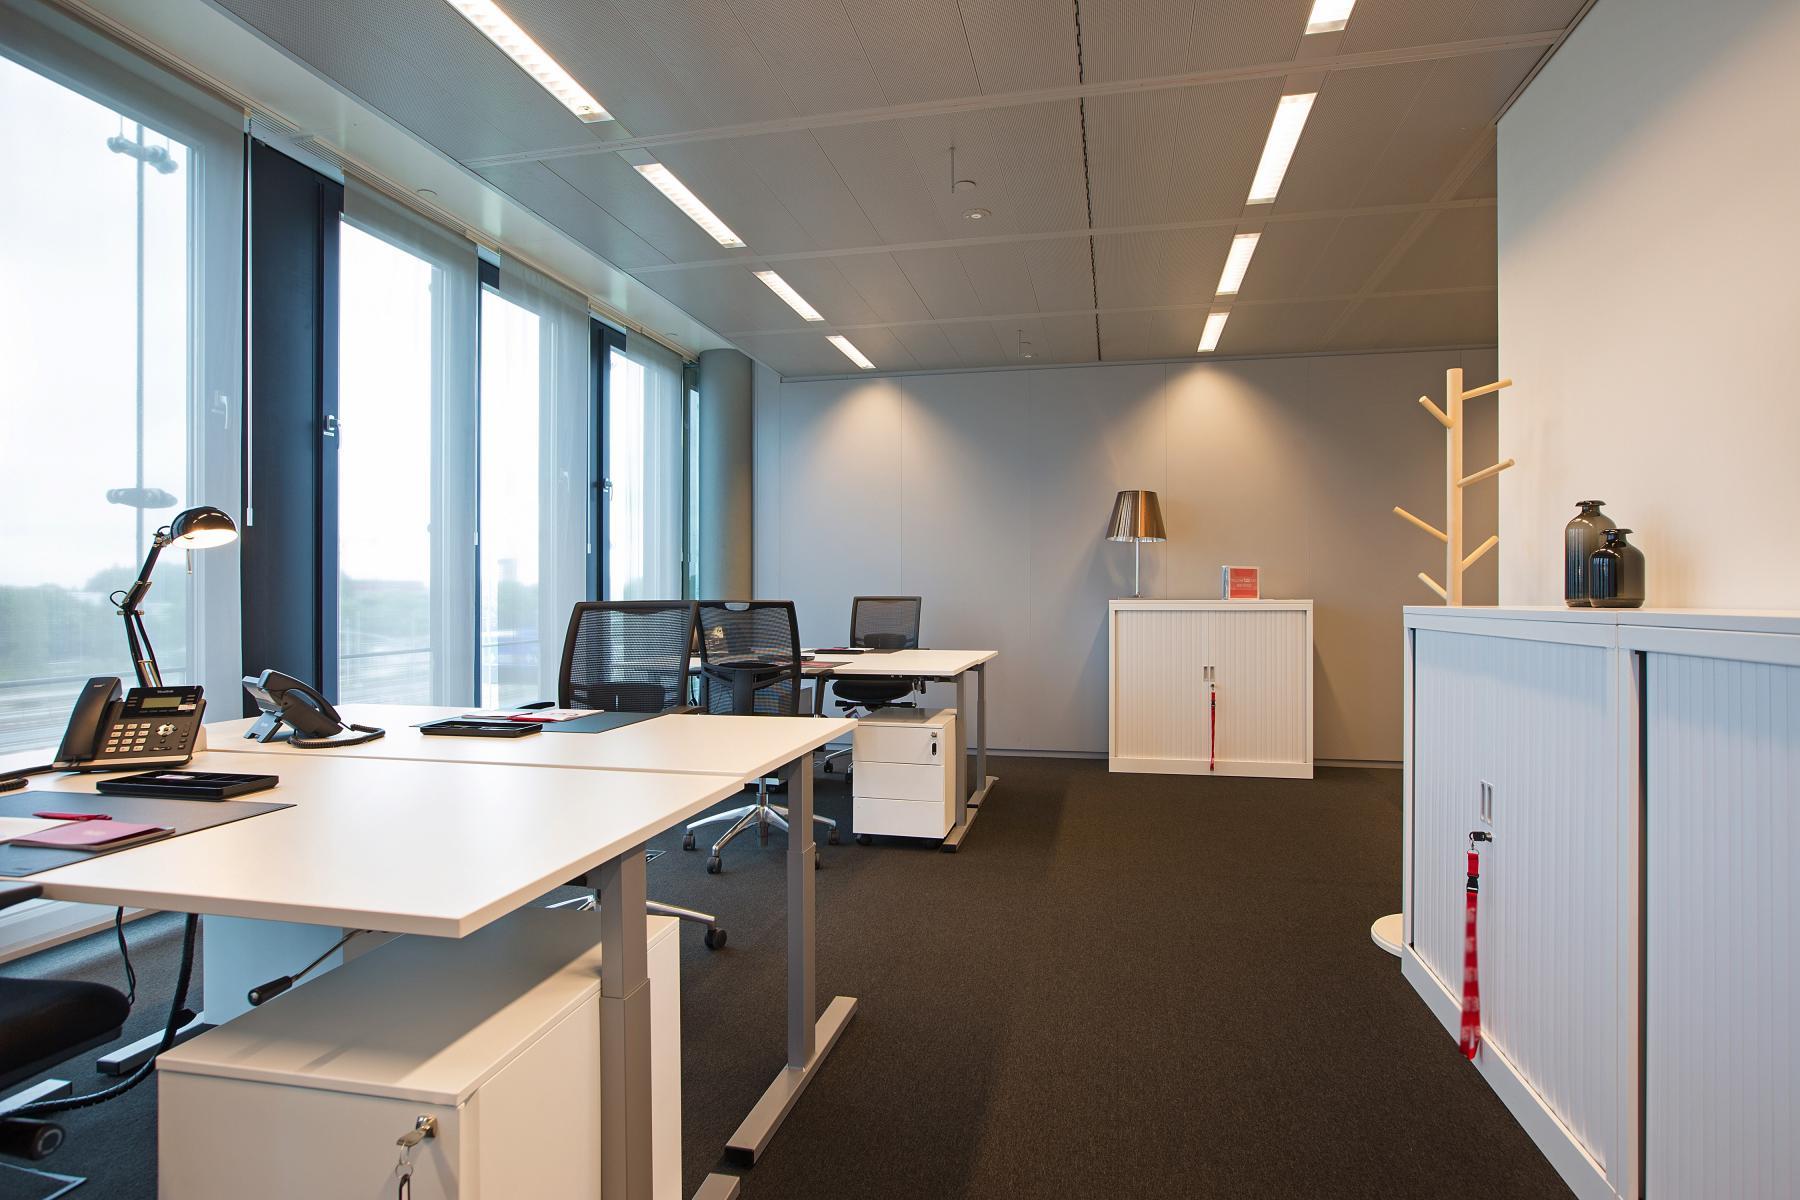 kantoorruimte kantoorunit huren amsterdam amstelveenseweg meubilair uitzicht